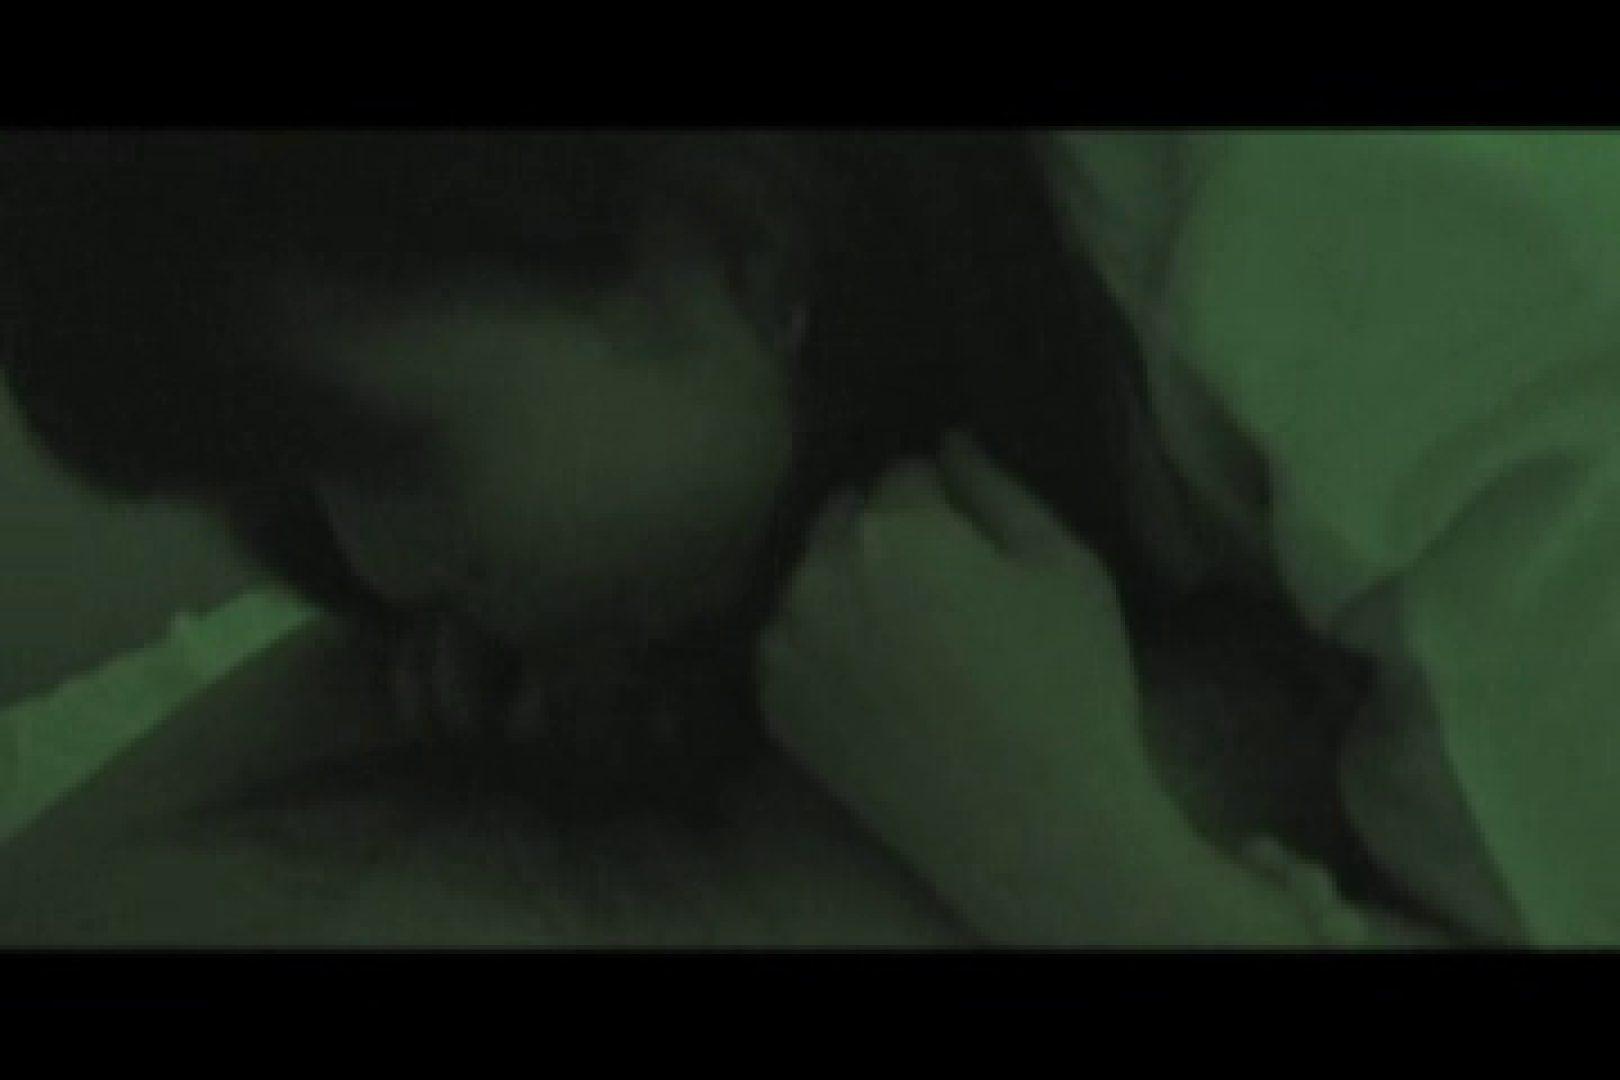 ヤリマンと呼ばれた看護士さんvol3 フェラ セックス画像 70連発 8